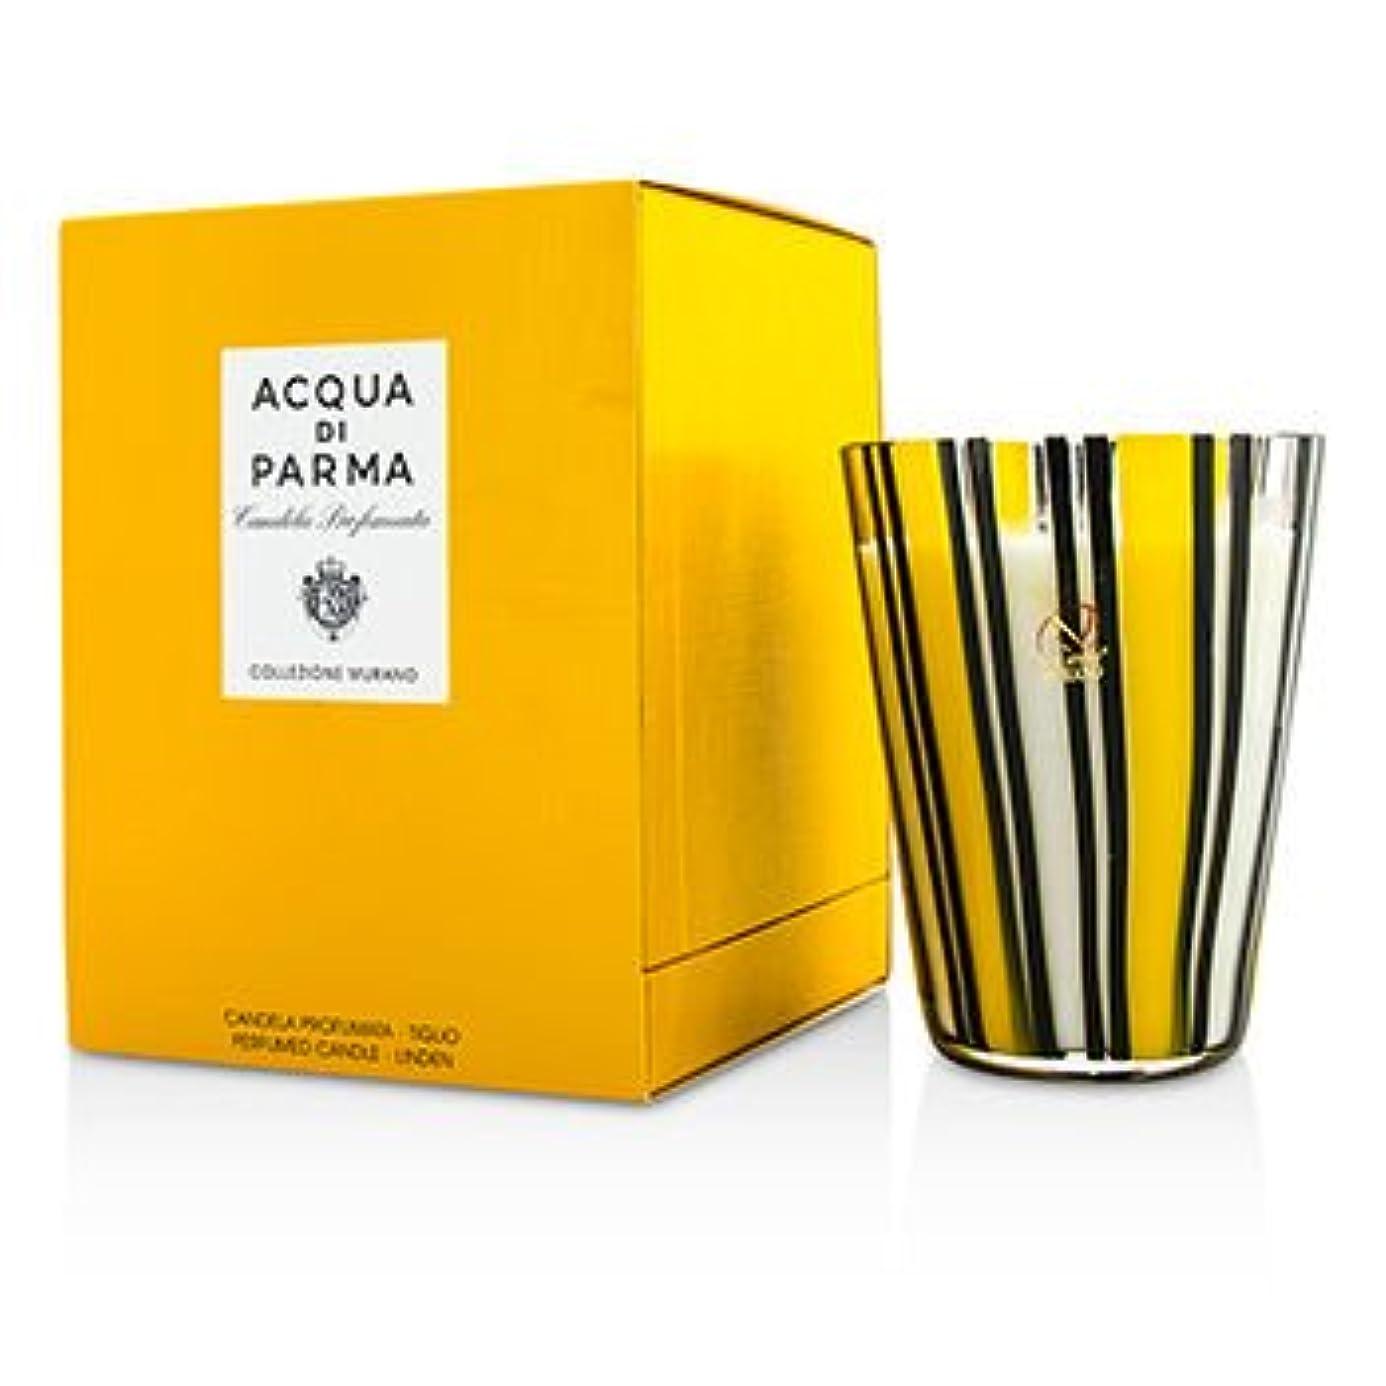 中古知恵サーキュレーション[Acqua Di Parma] Murano Glass Perfumed Candle - Tiglio (Linen) 200g/7.05oz